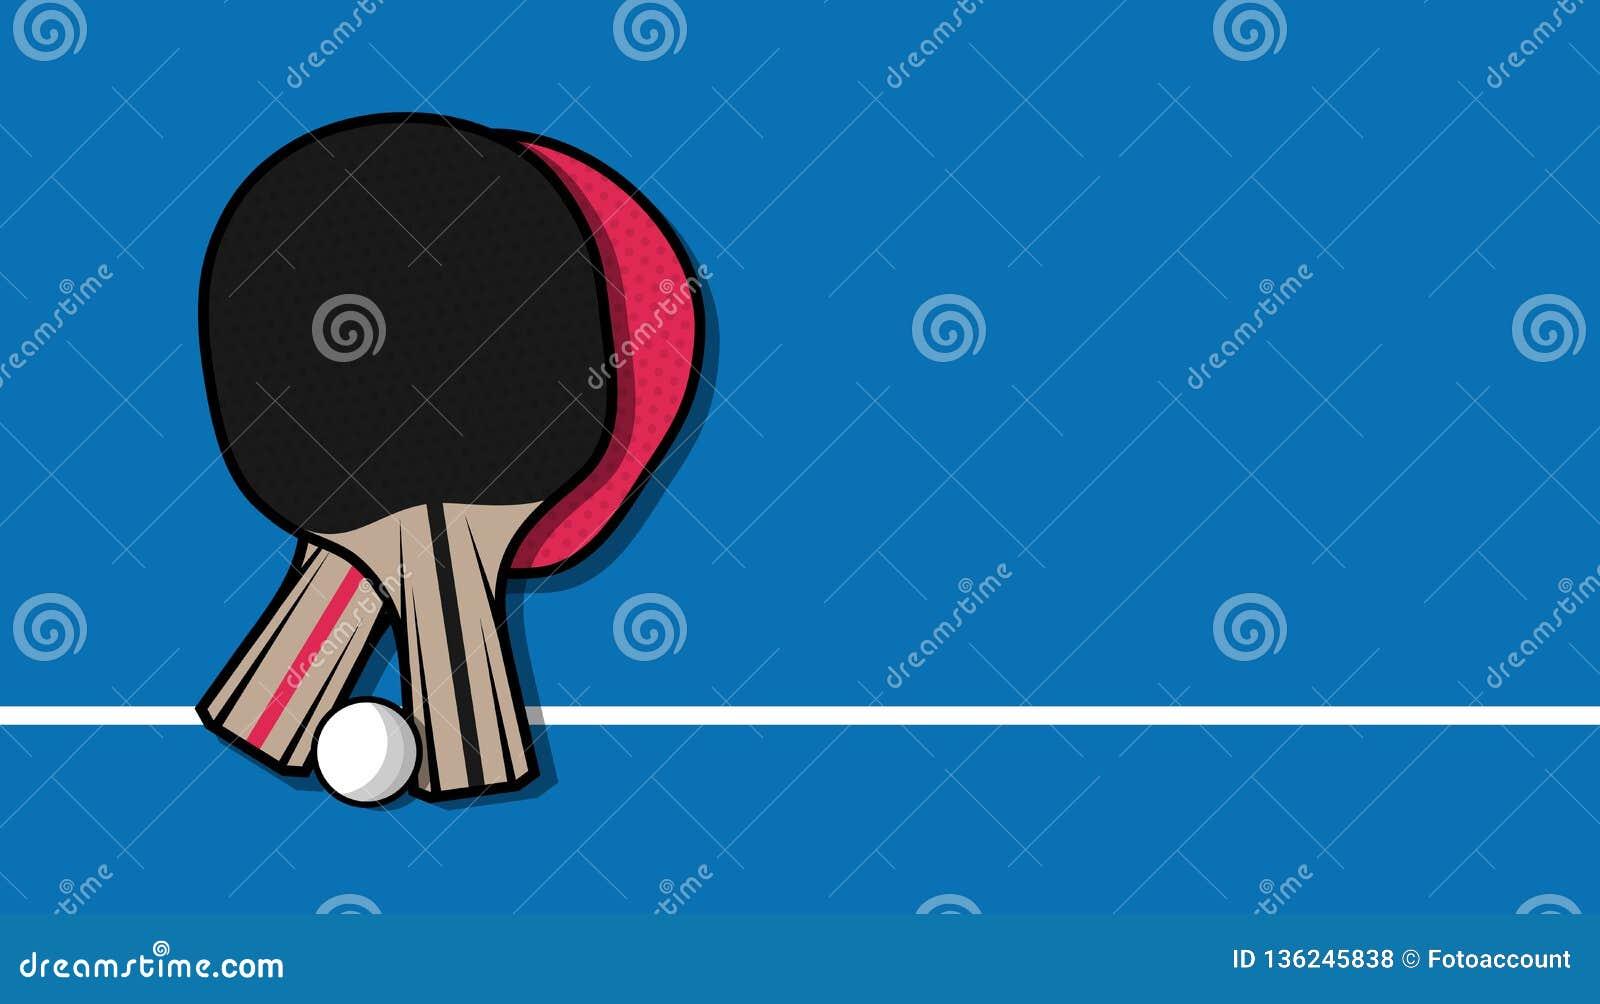 cc109a578 Raquetes de tênis de mesa e bola - Ping Pong Game Background - ilustração  do vetor